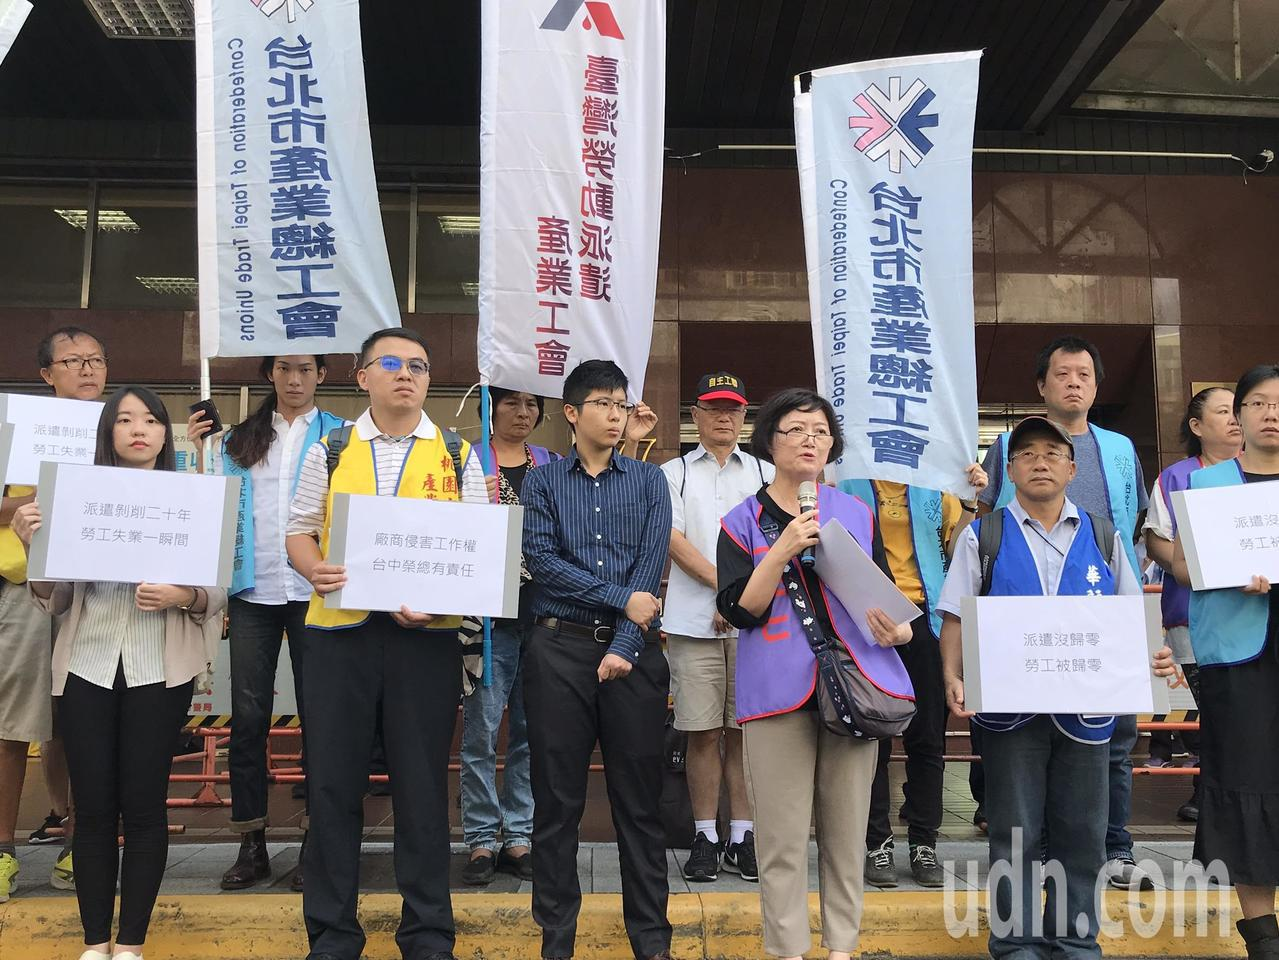 擔任中榮派遣工的台灣勞動派遣產業工會理事長吳月霞(左四)在廠商換約之際,被以不適...